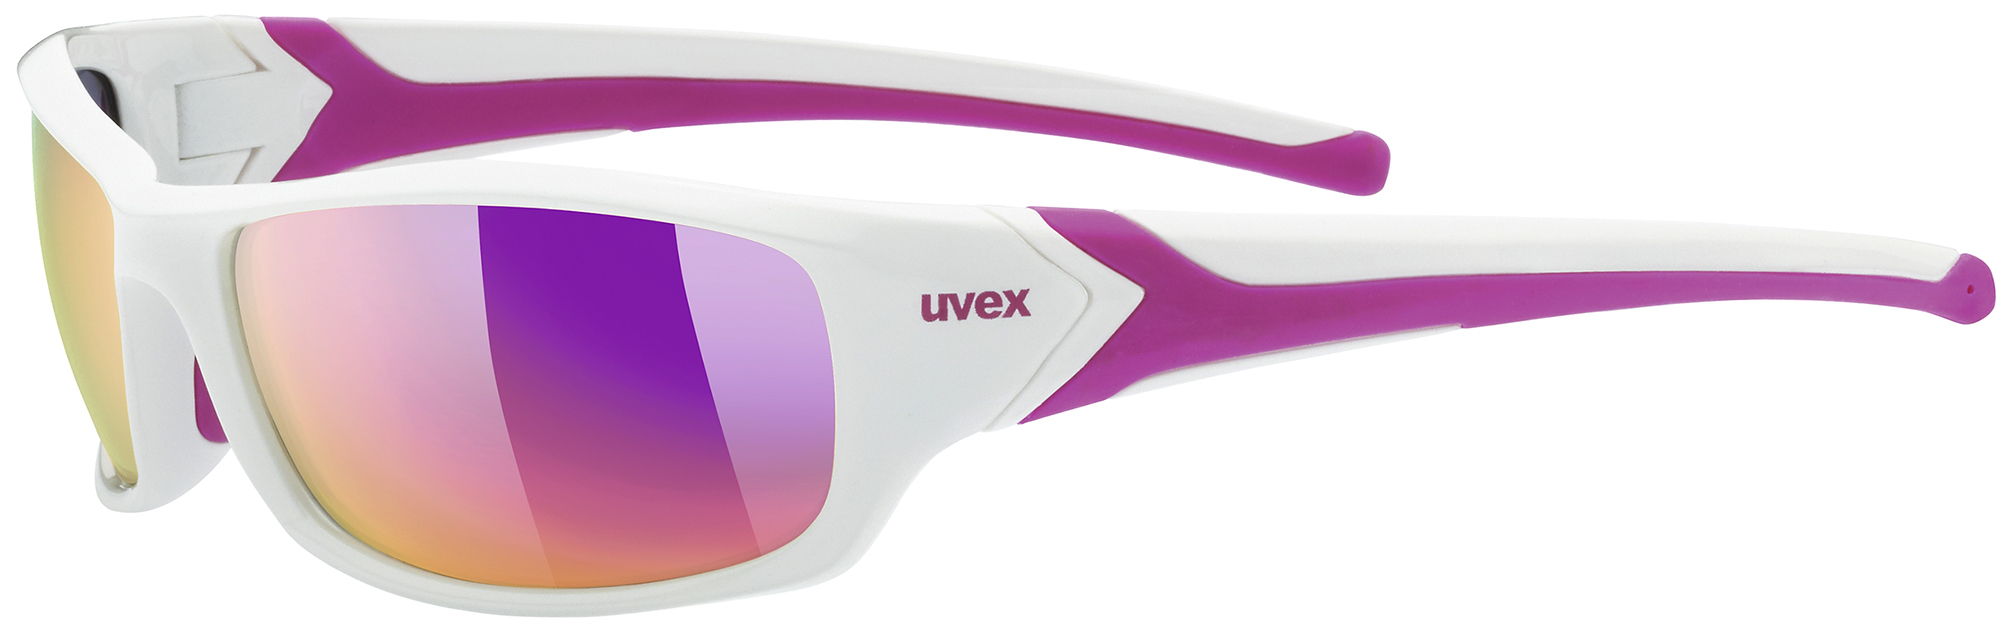 Uvex Солнцезащитные очки Uvex Sportstyle 211 каска uvex 6169